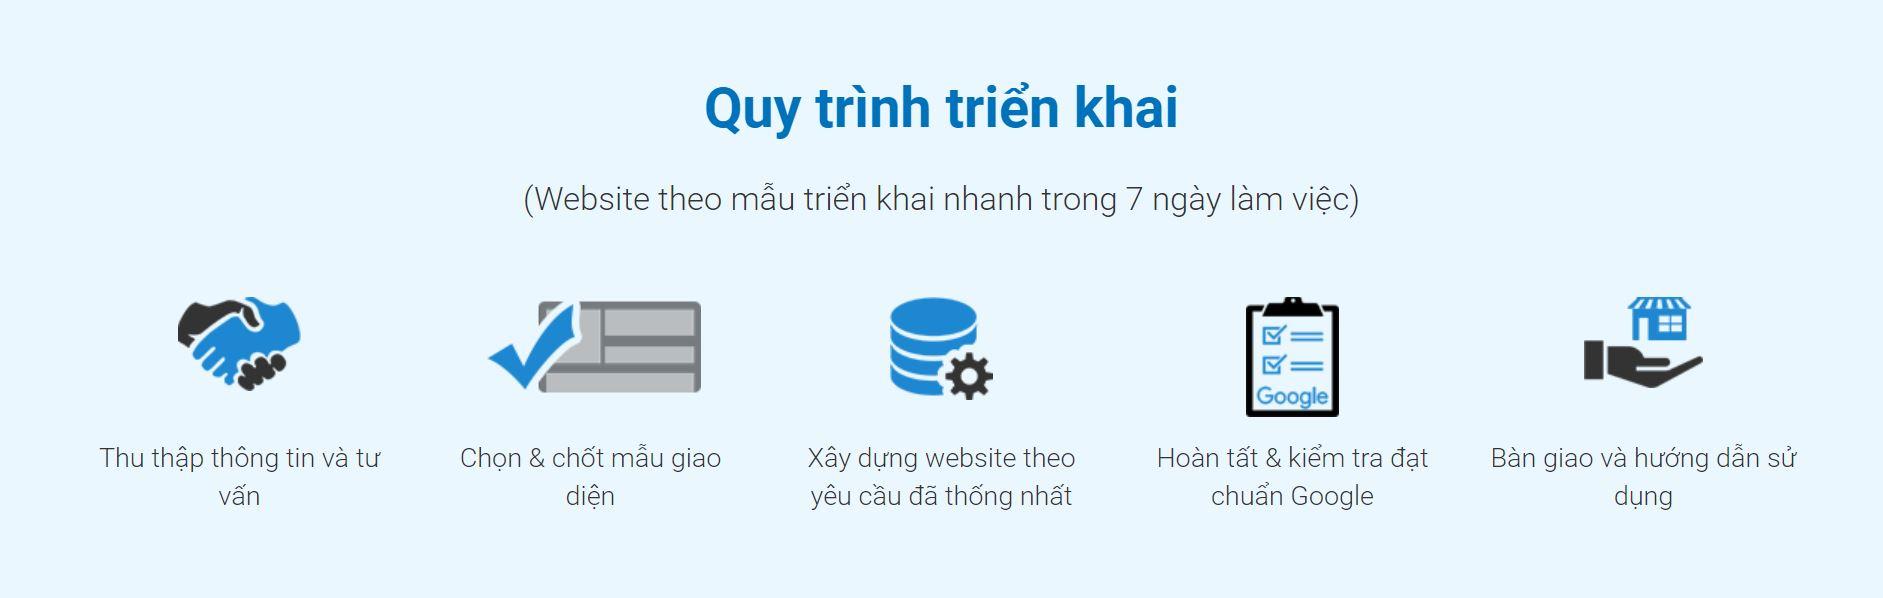 tư vấn thiết kế website chuyên nghiệp2